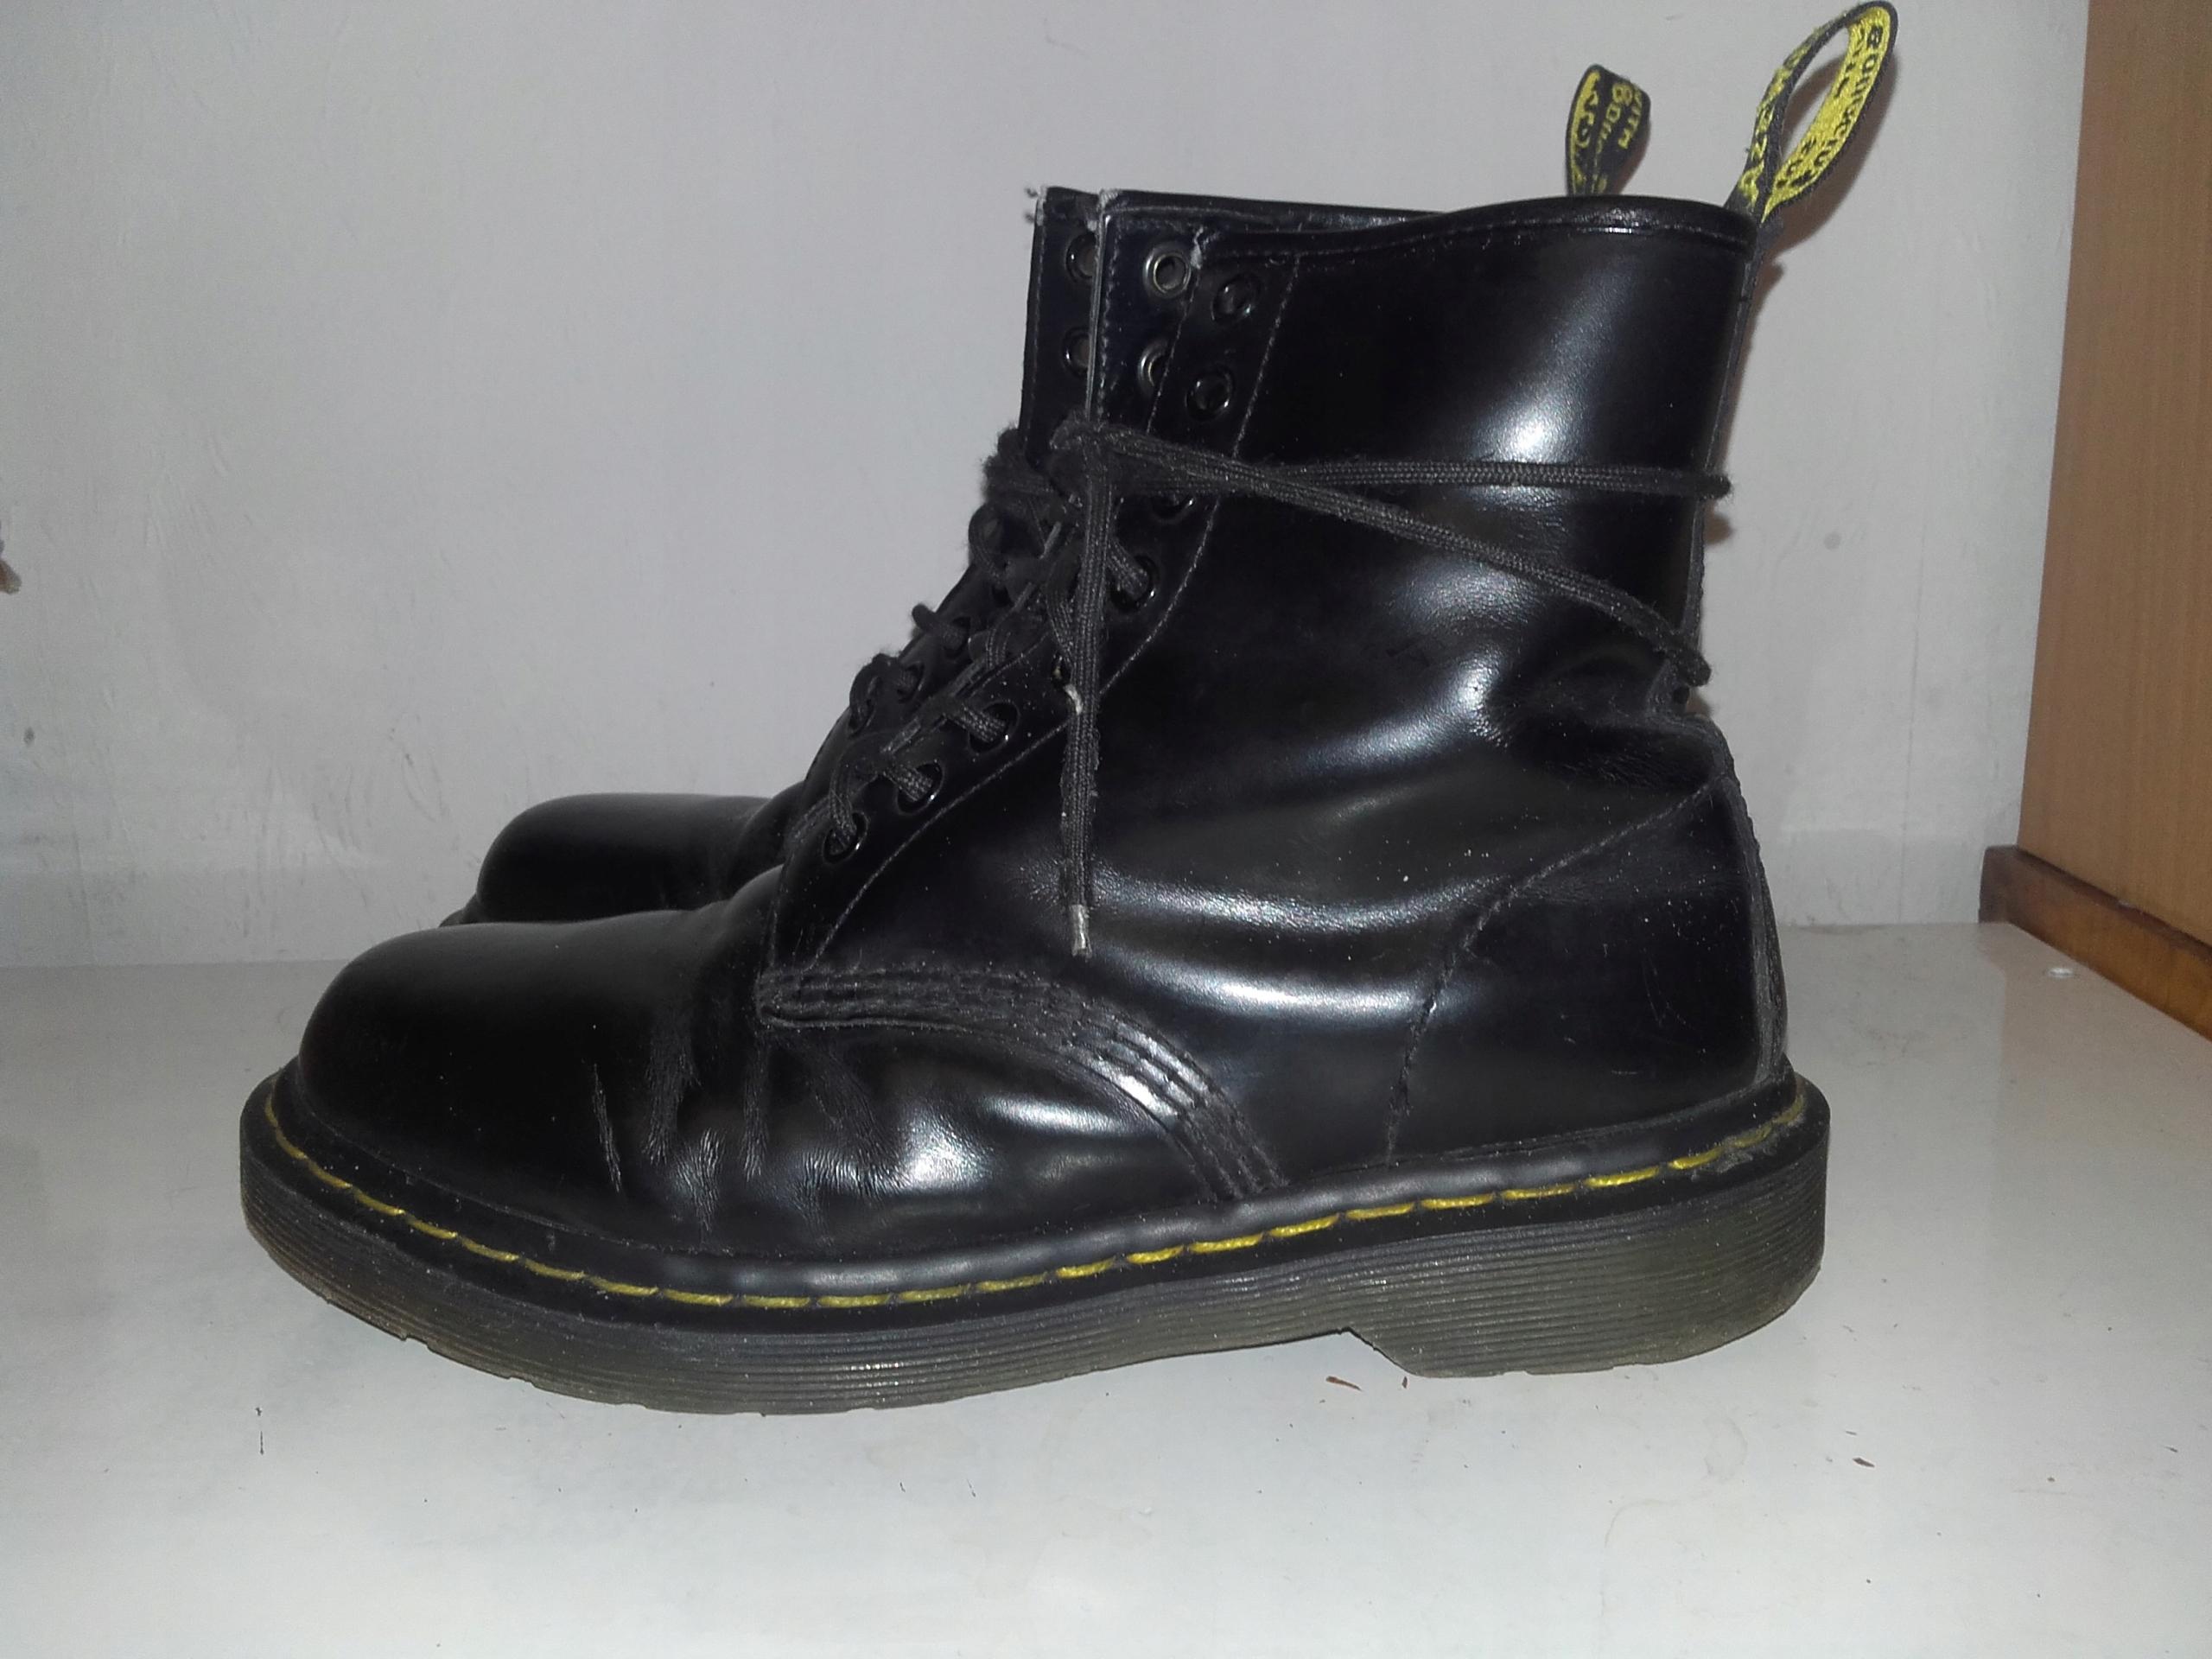 najlepsza wyprzedaż sprzedaż online styl mody Dr. Martens 1460 r. 38 UK 5 czarne - 7730053425 - oficjalne ...